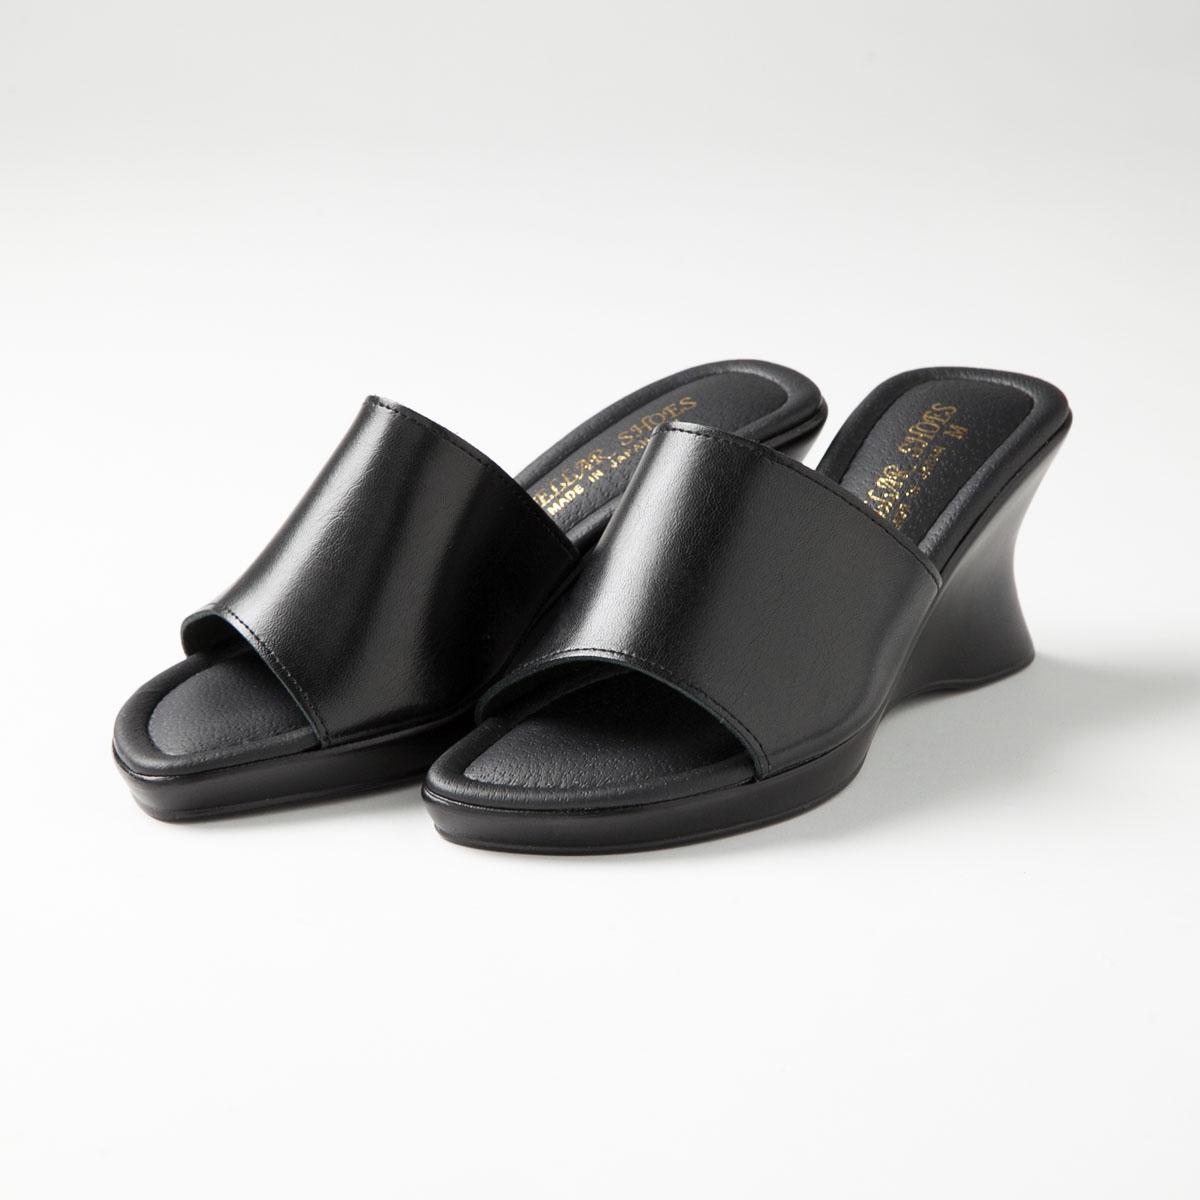 厚底のくびれウェッジソールで美脚効果 疲れにくい 日本製 厚底ウエッジミュール レディースサンダル ブラック オフィスサンダル 人気急上昇 美脚 オープントゥー 黒 ※ラッピング ※